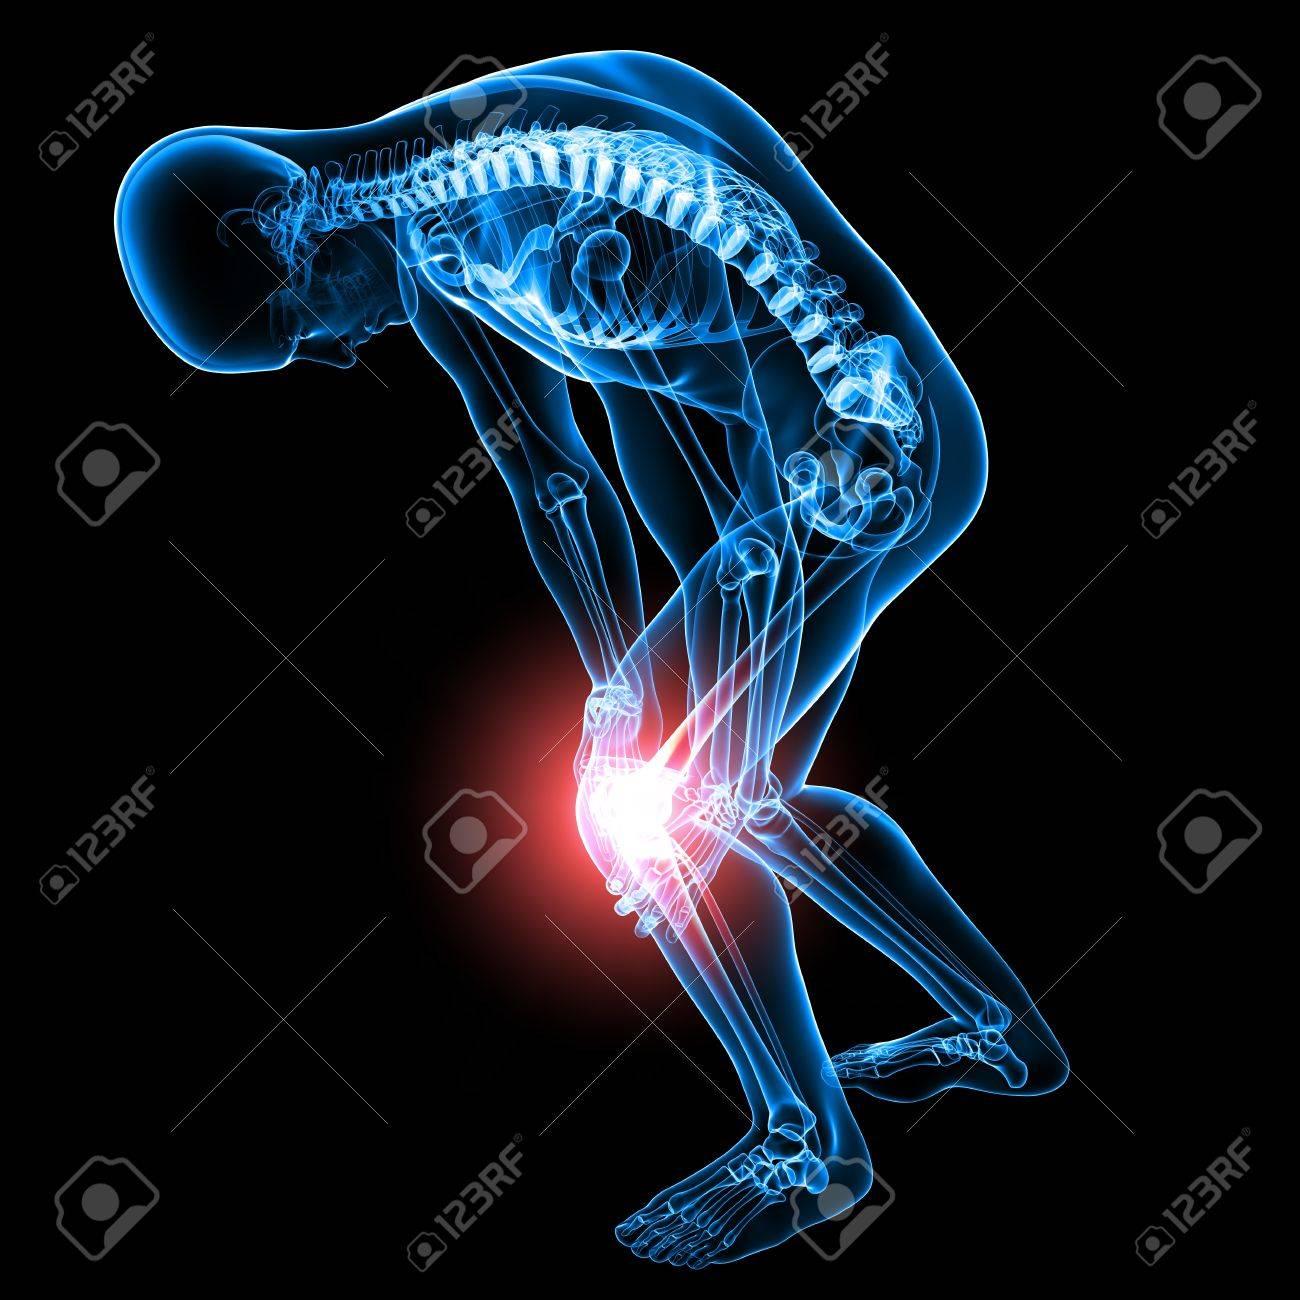 X-ray Anatomie Der Männlichen Knieschmerzen Lizenzfreie Fotos ...